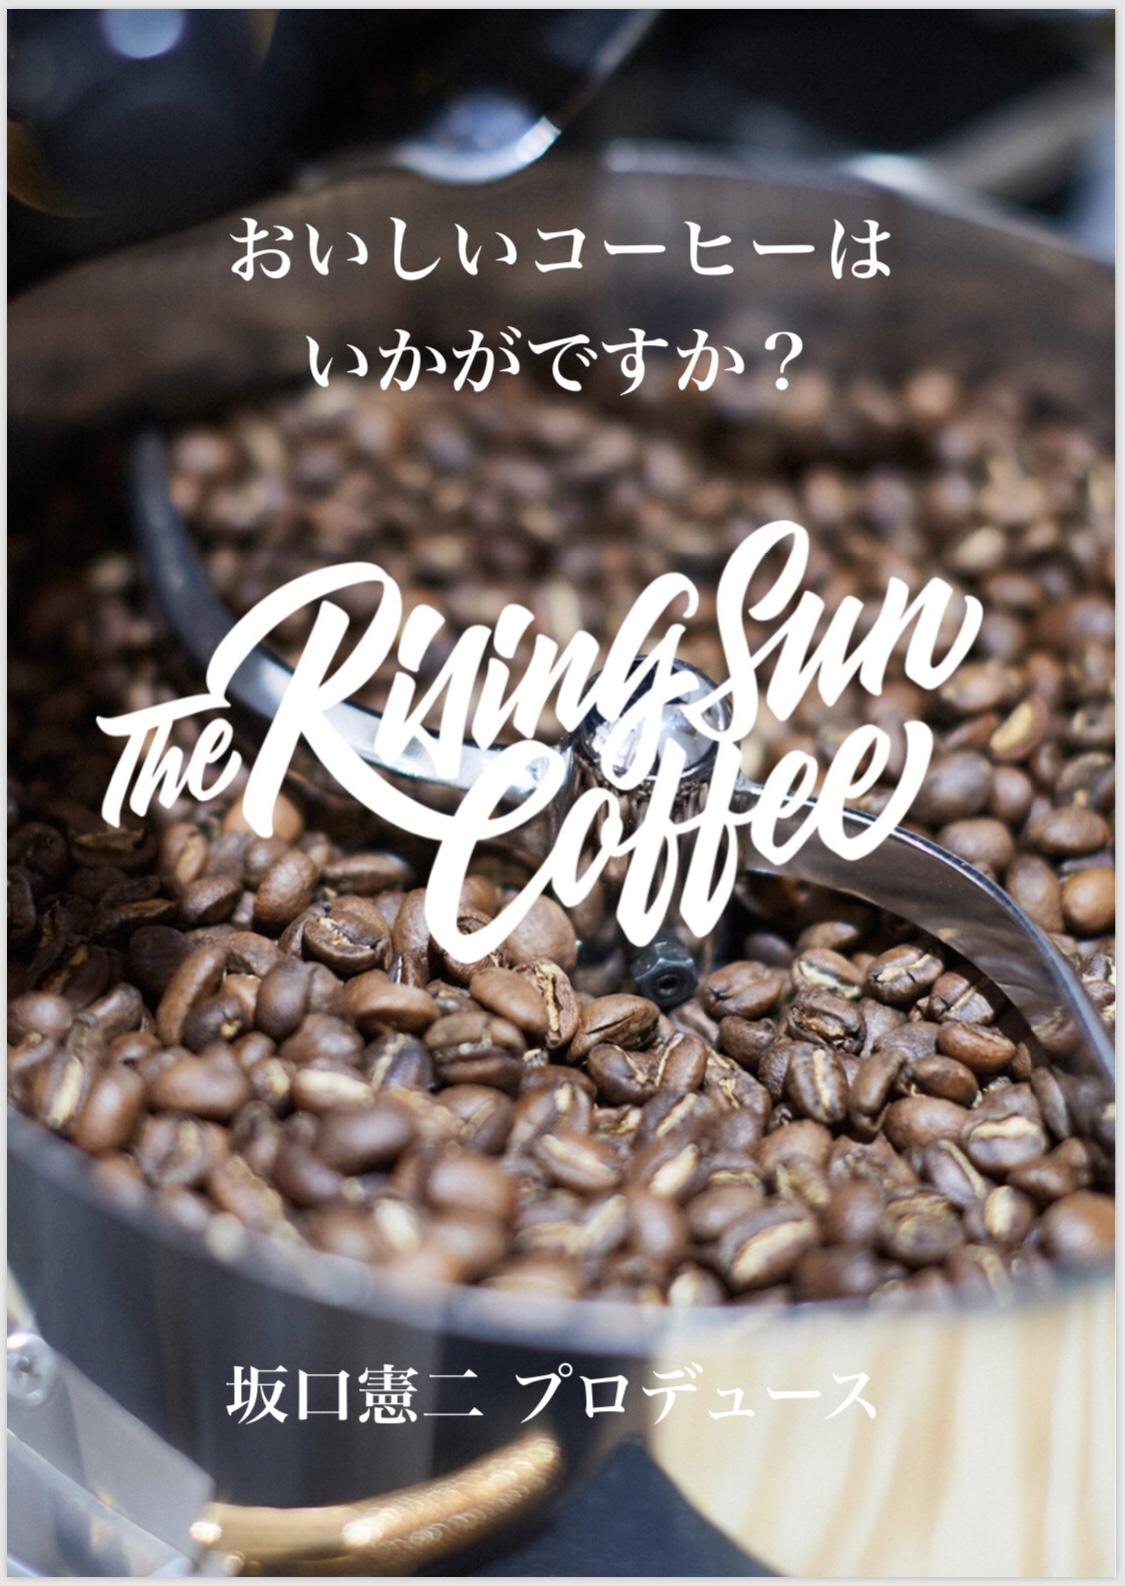 コーヒー サン ザ ライジング